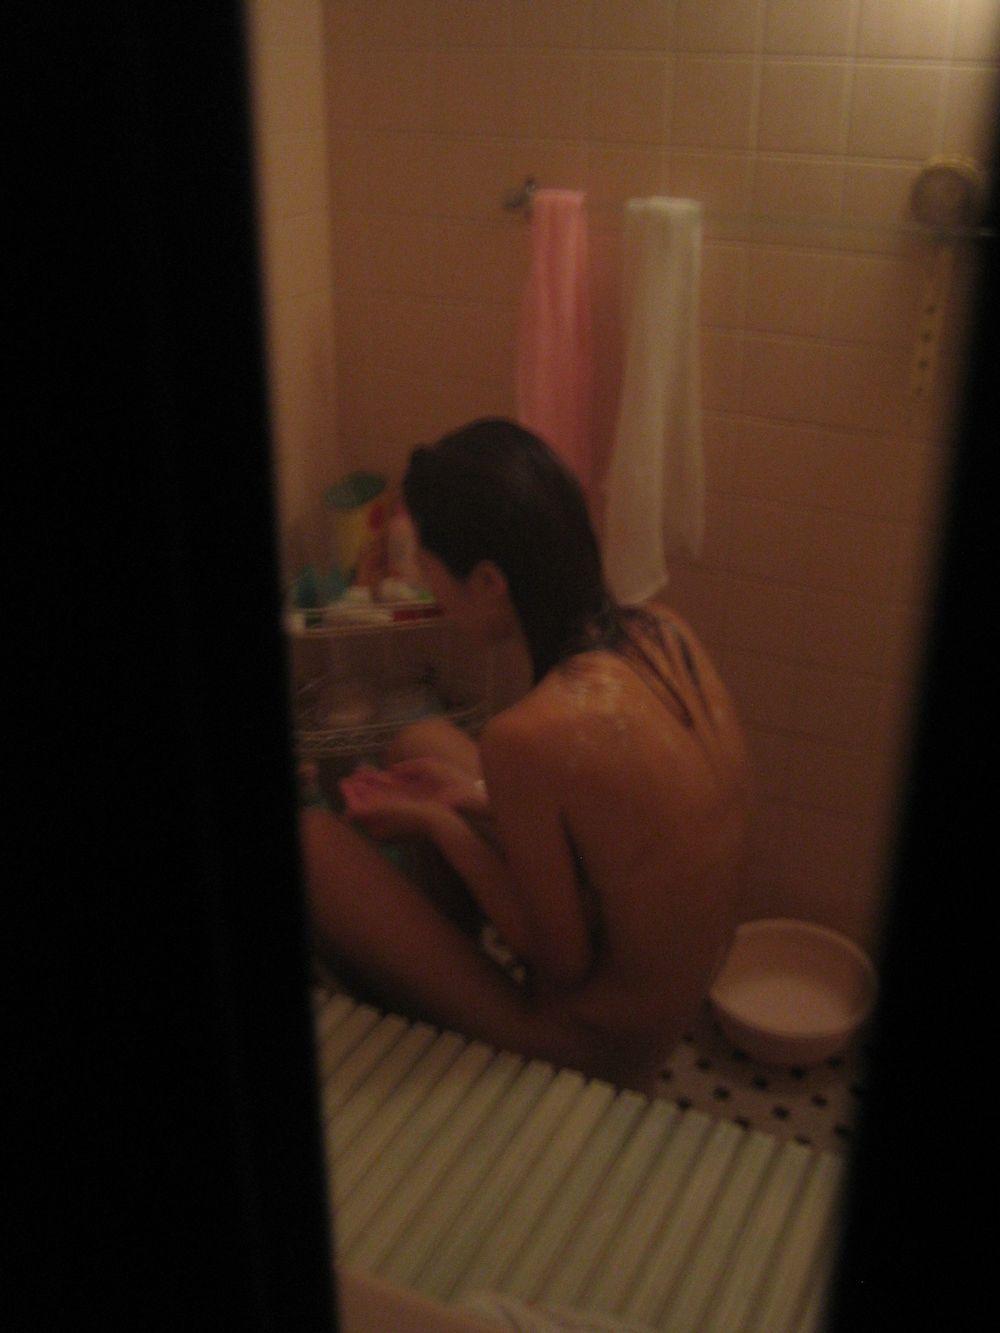 自宅の風呂に入る全裸女性 (12)